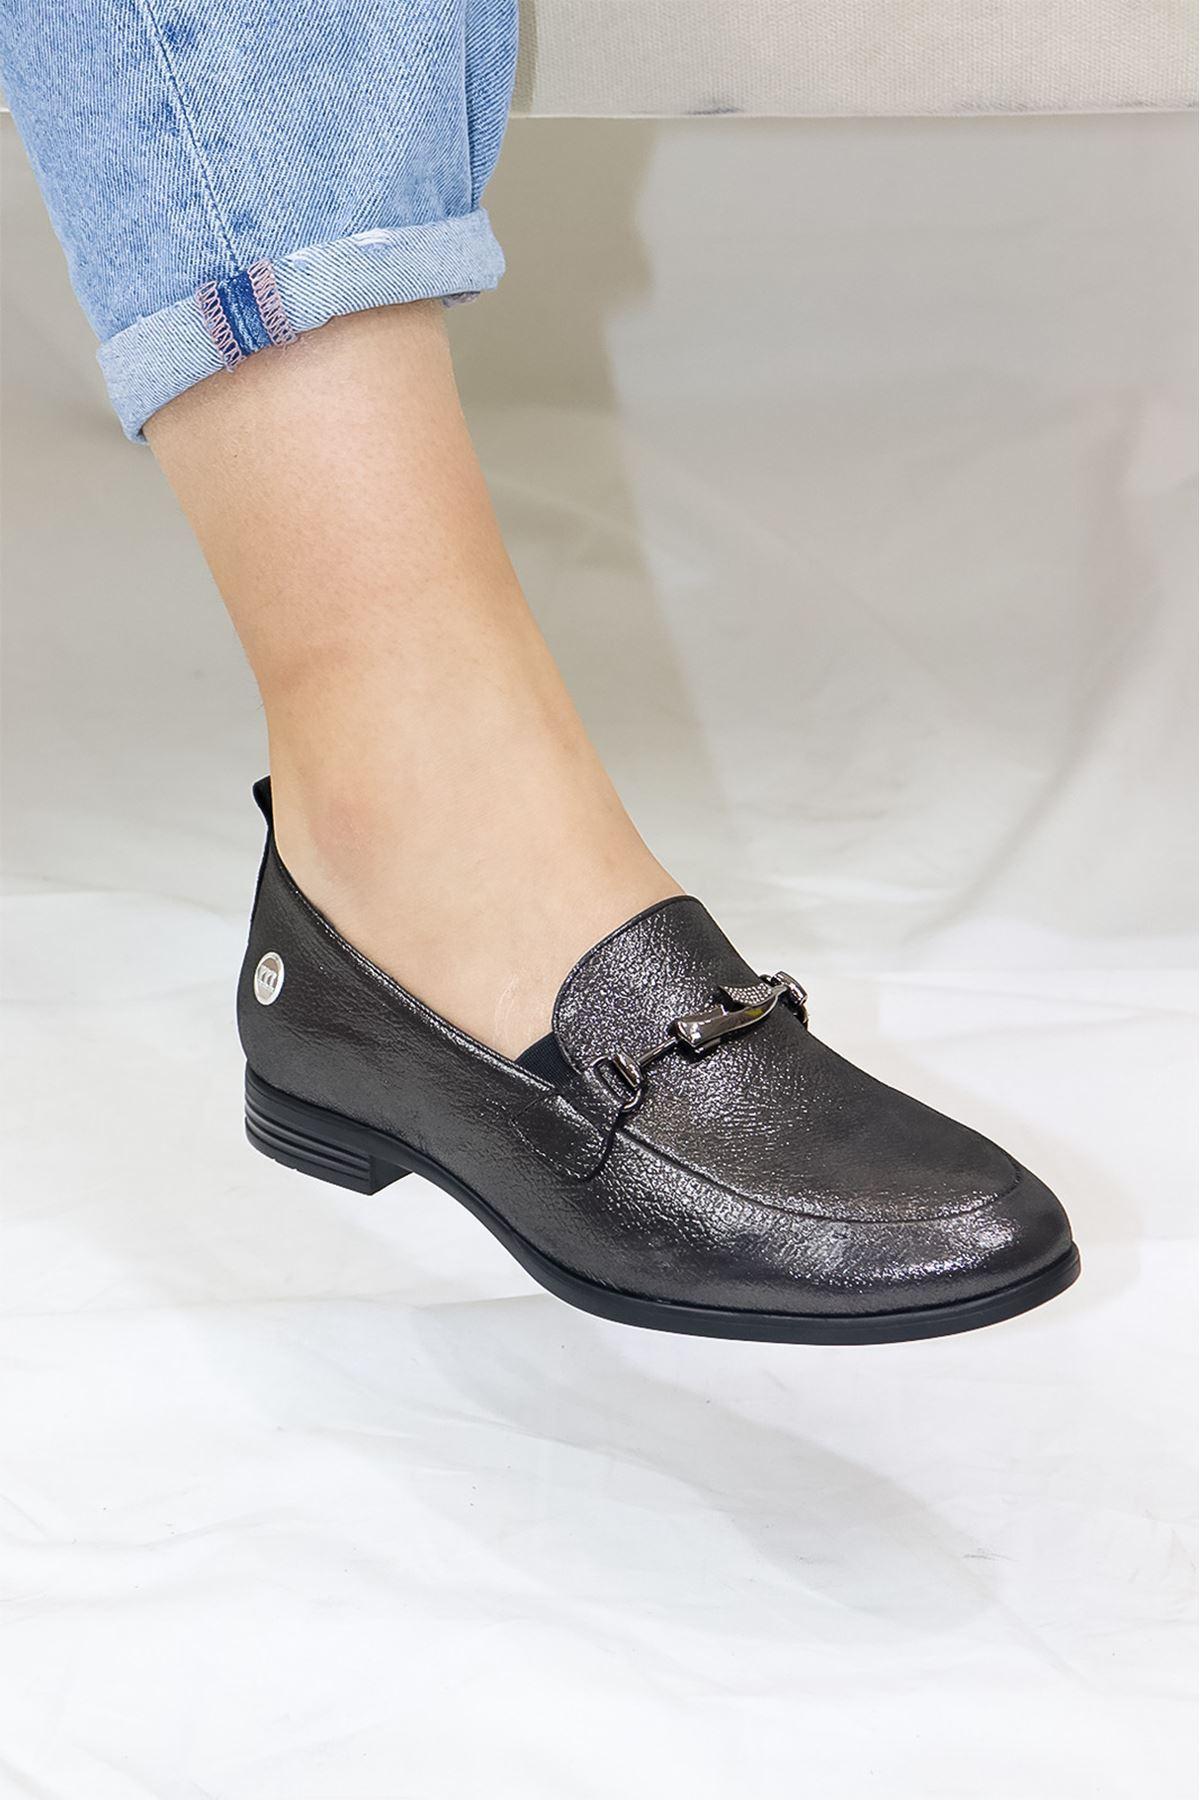 Mammamia - D21YA - 985-B Çelik Simli Babet Kadın Ayakkabısı